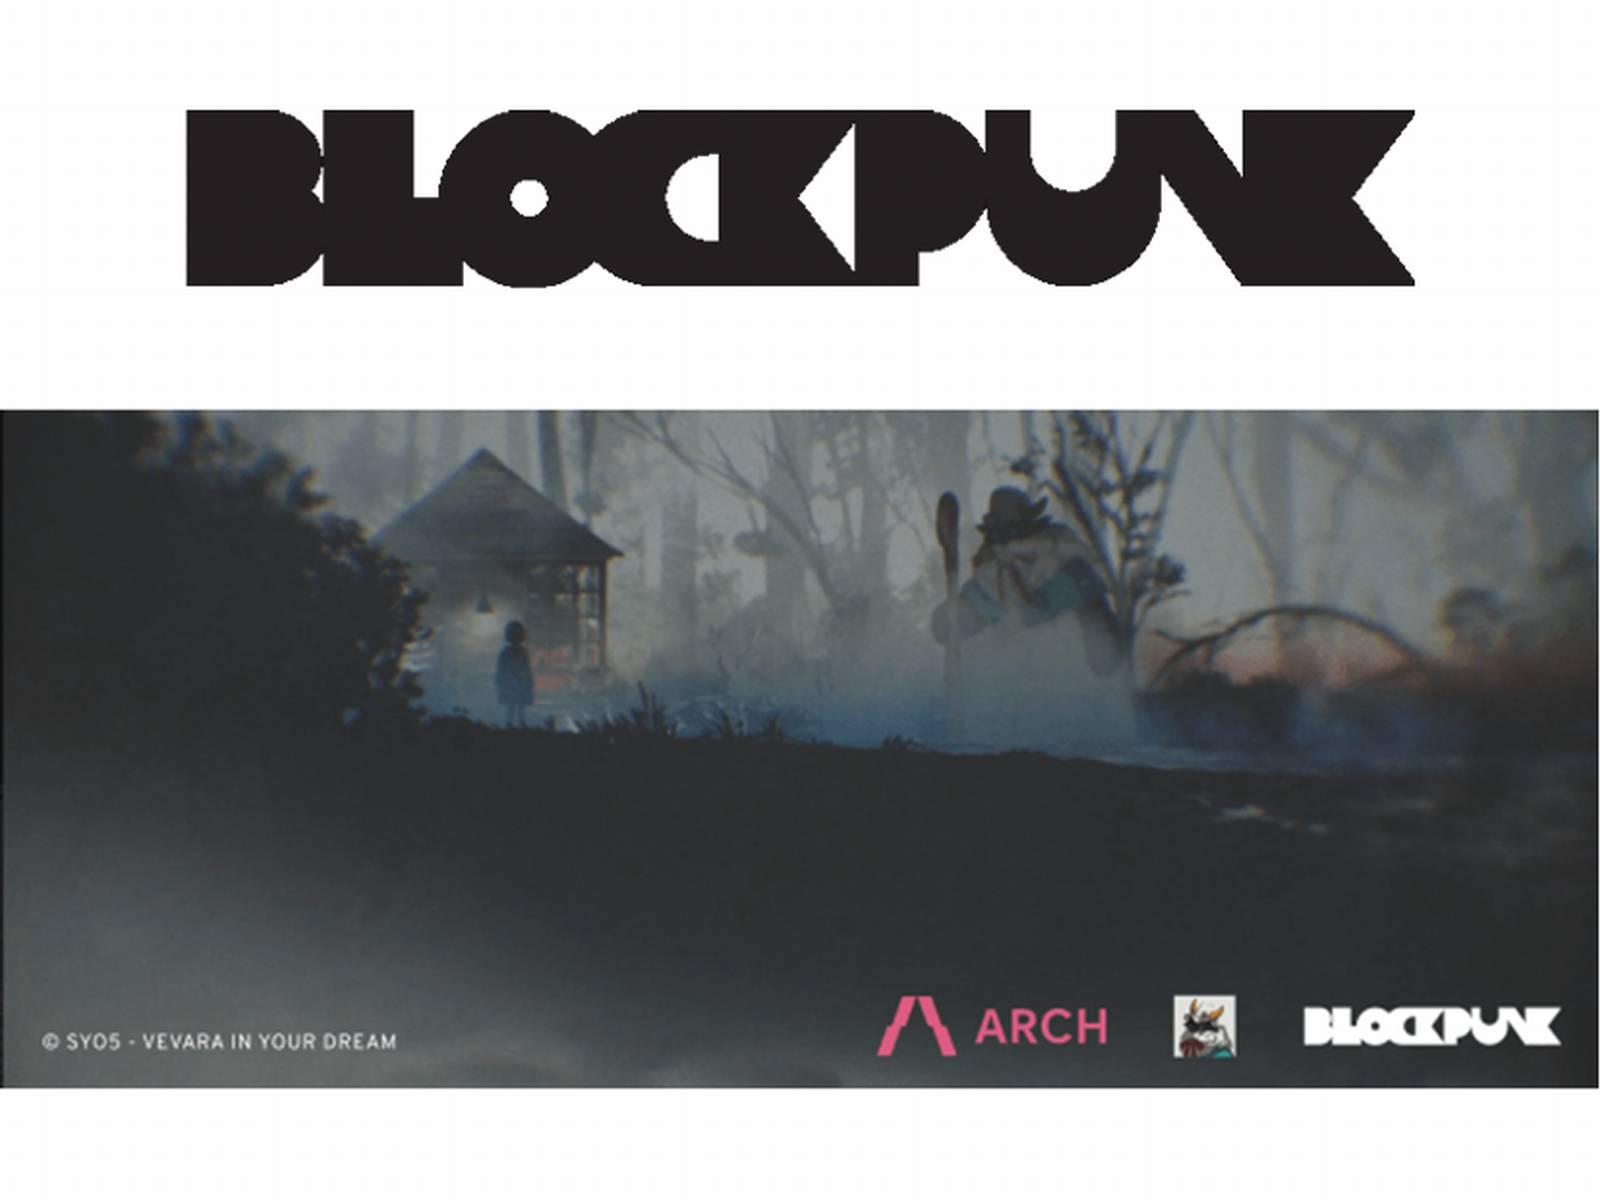 [プレスリリース]世界初のブロックチェーントークン型アニメ映画 『微睡みのヴェヴァラ』